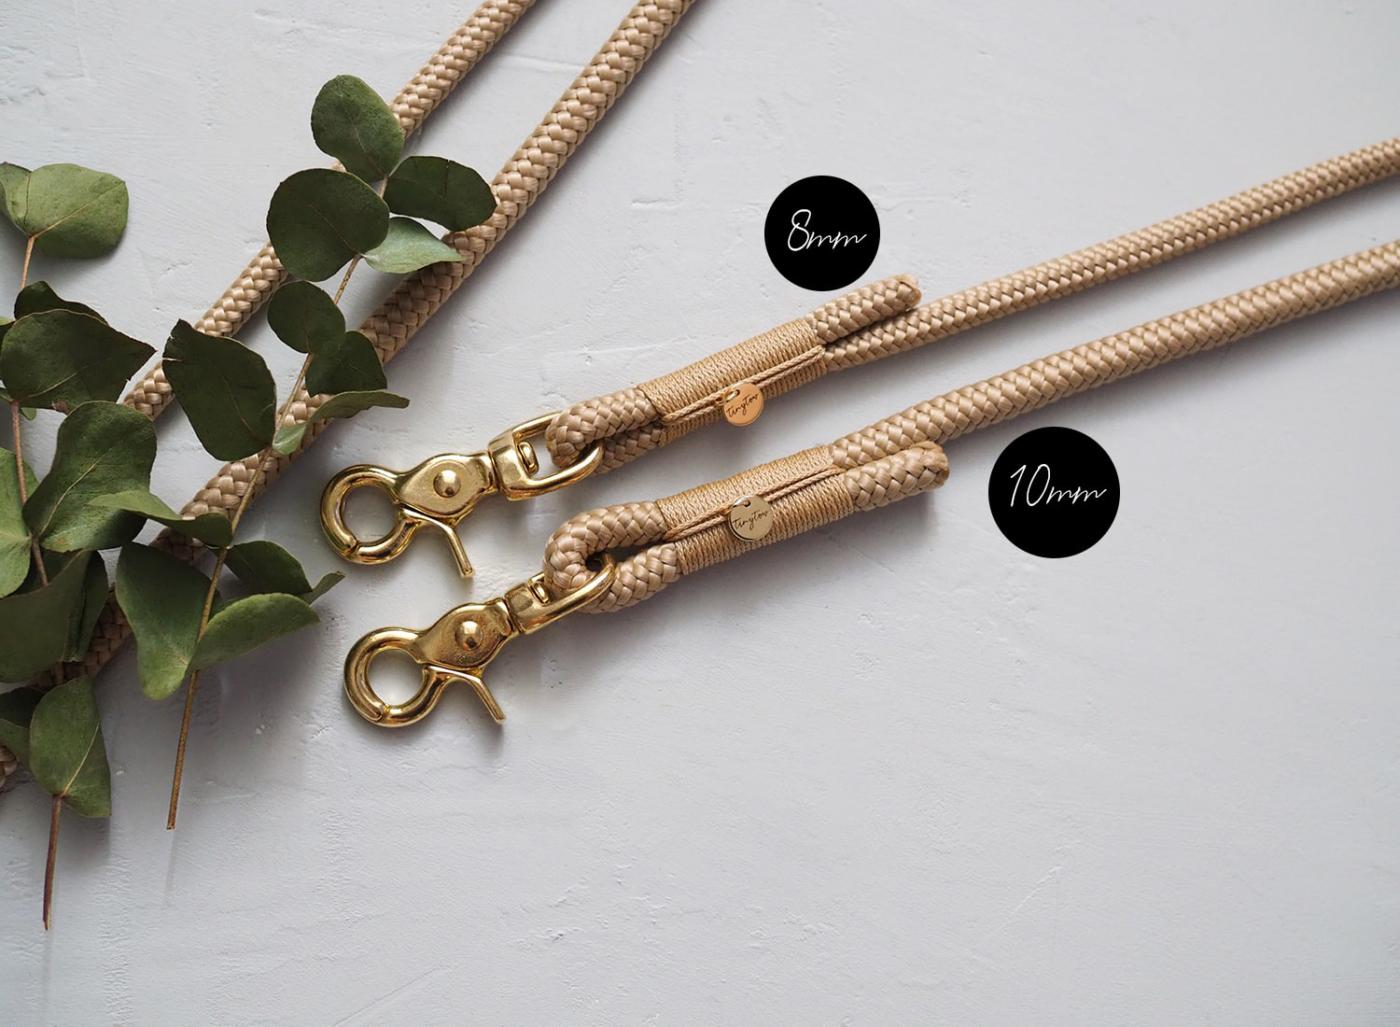 Hundeleine Tau Seil Stärke 8mm und 10mm im Vergleich